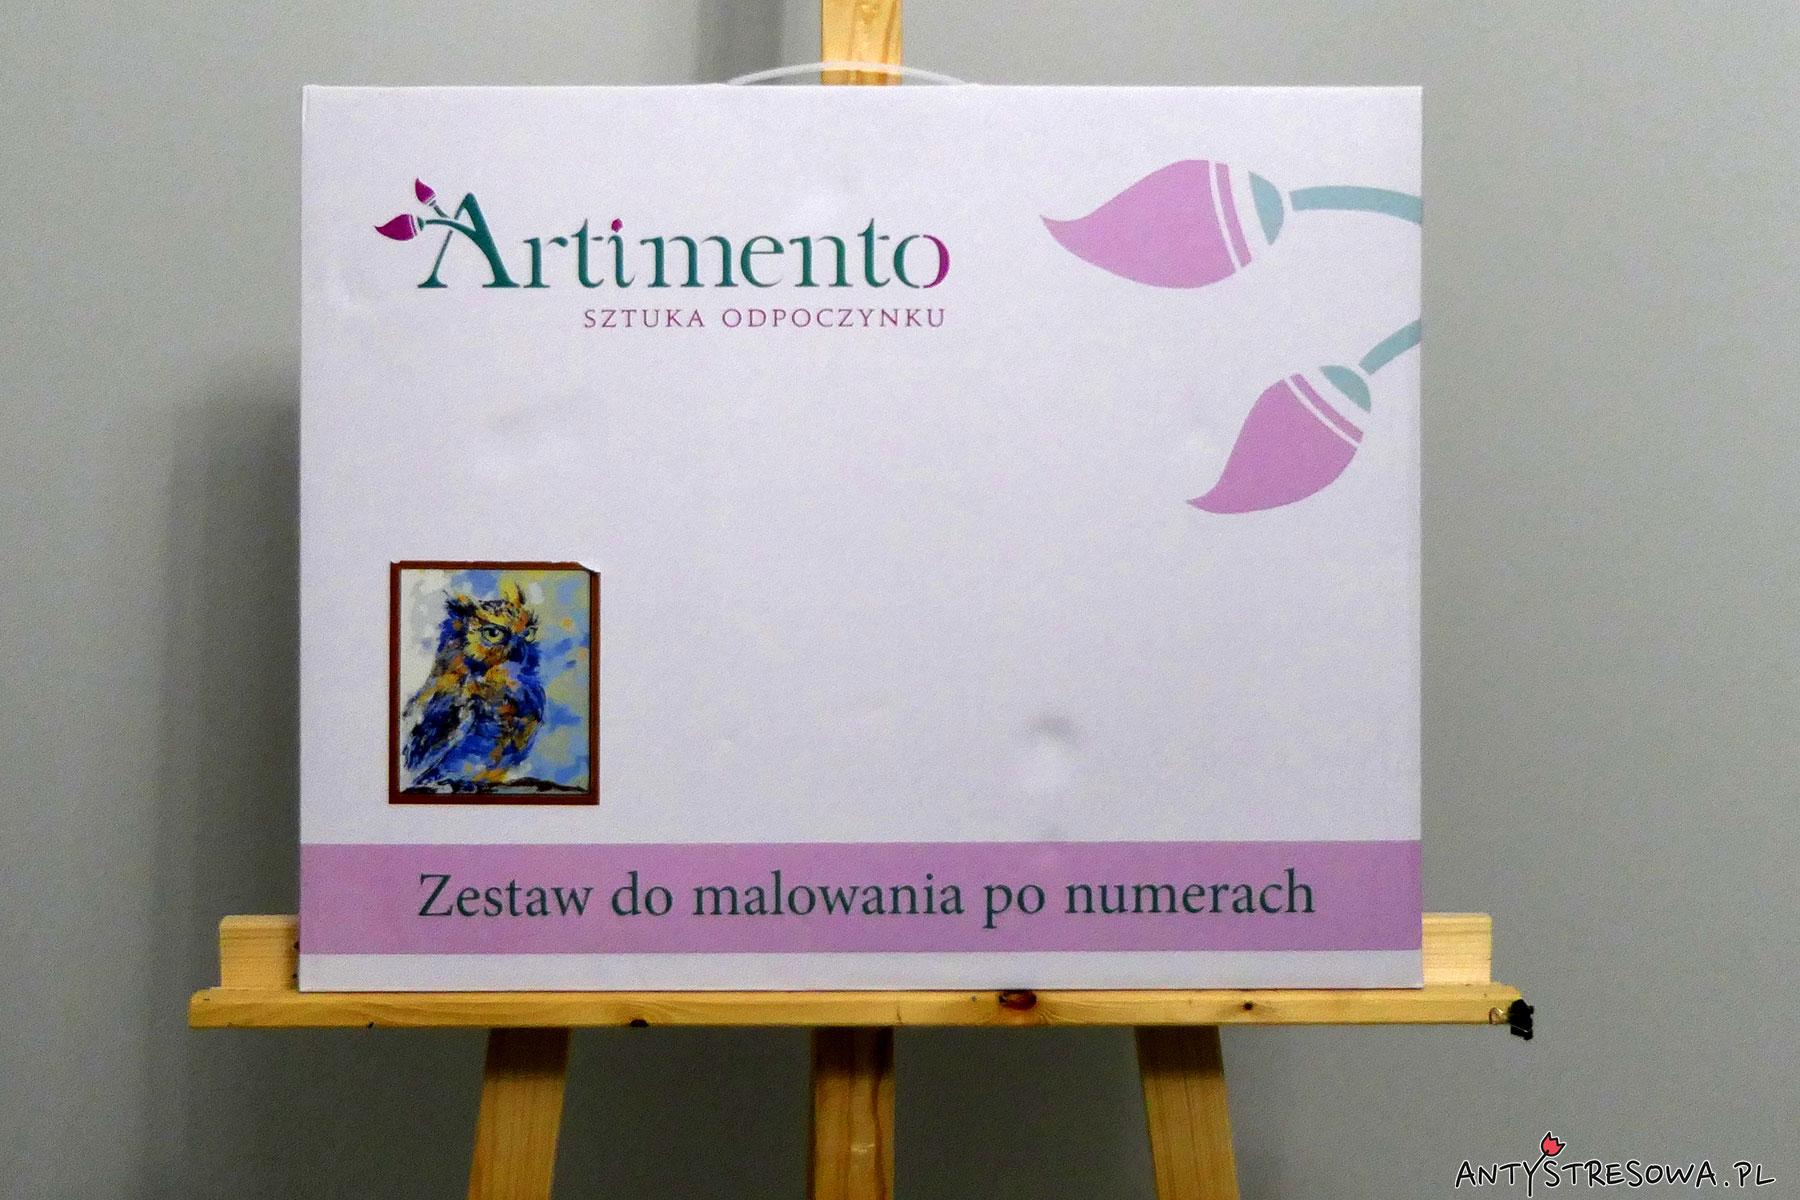 Niebieska sowa - zestaw do malowania po numerach